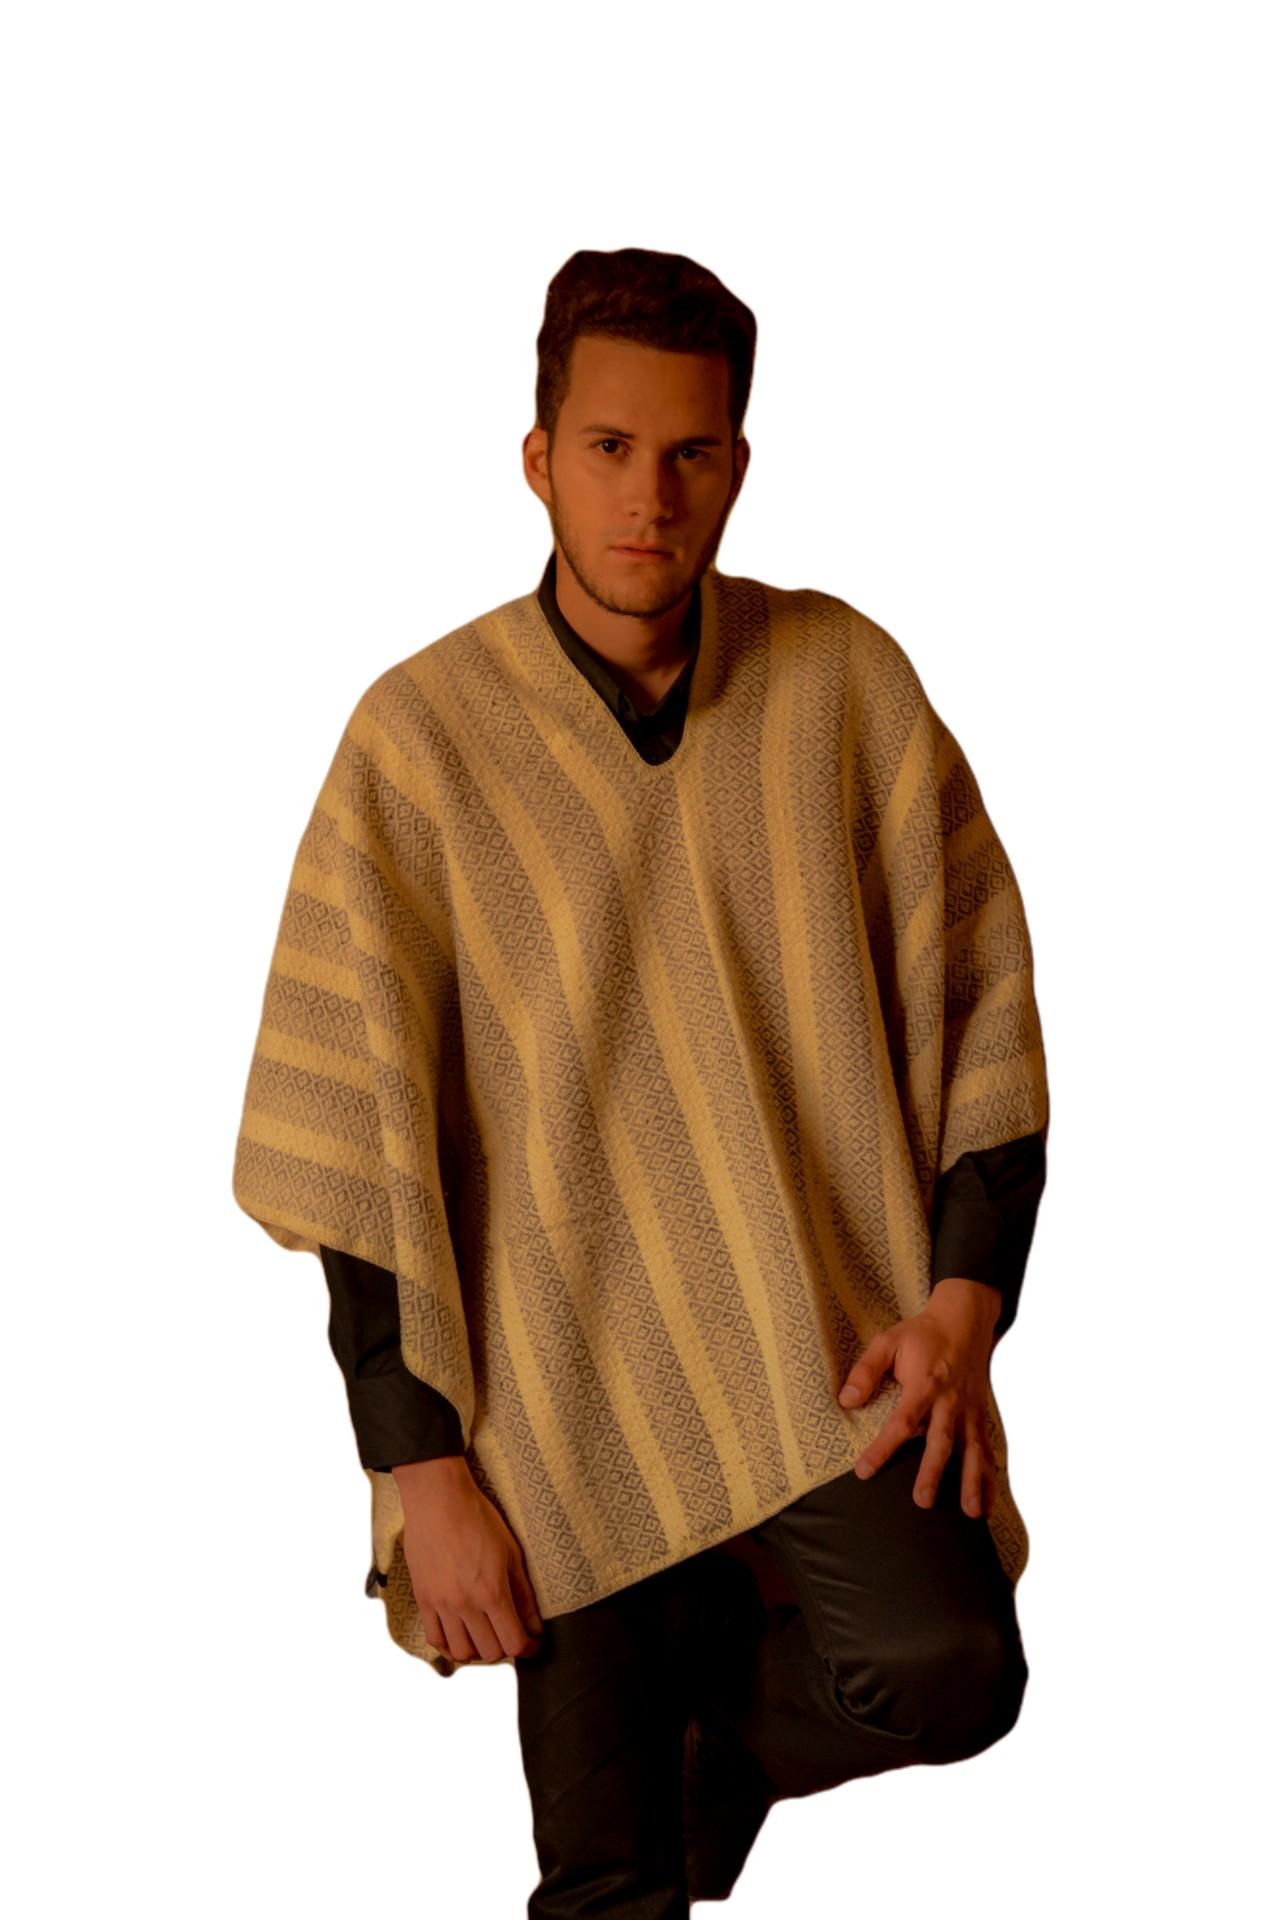 Prenda icono de Colombia, con diseño y moda contemporánea Tejida en telar, Medidas: 150cm*125cm Material: Lana de oveja 100%.  Lavado a mano o lavadora ciclo suave.